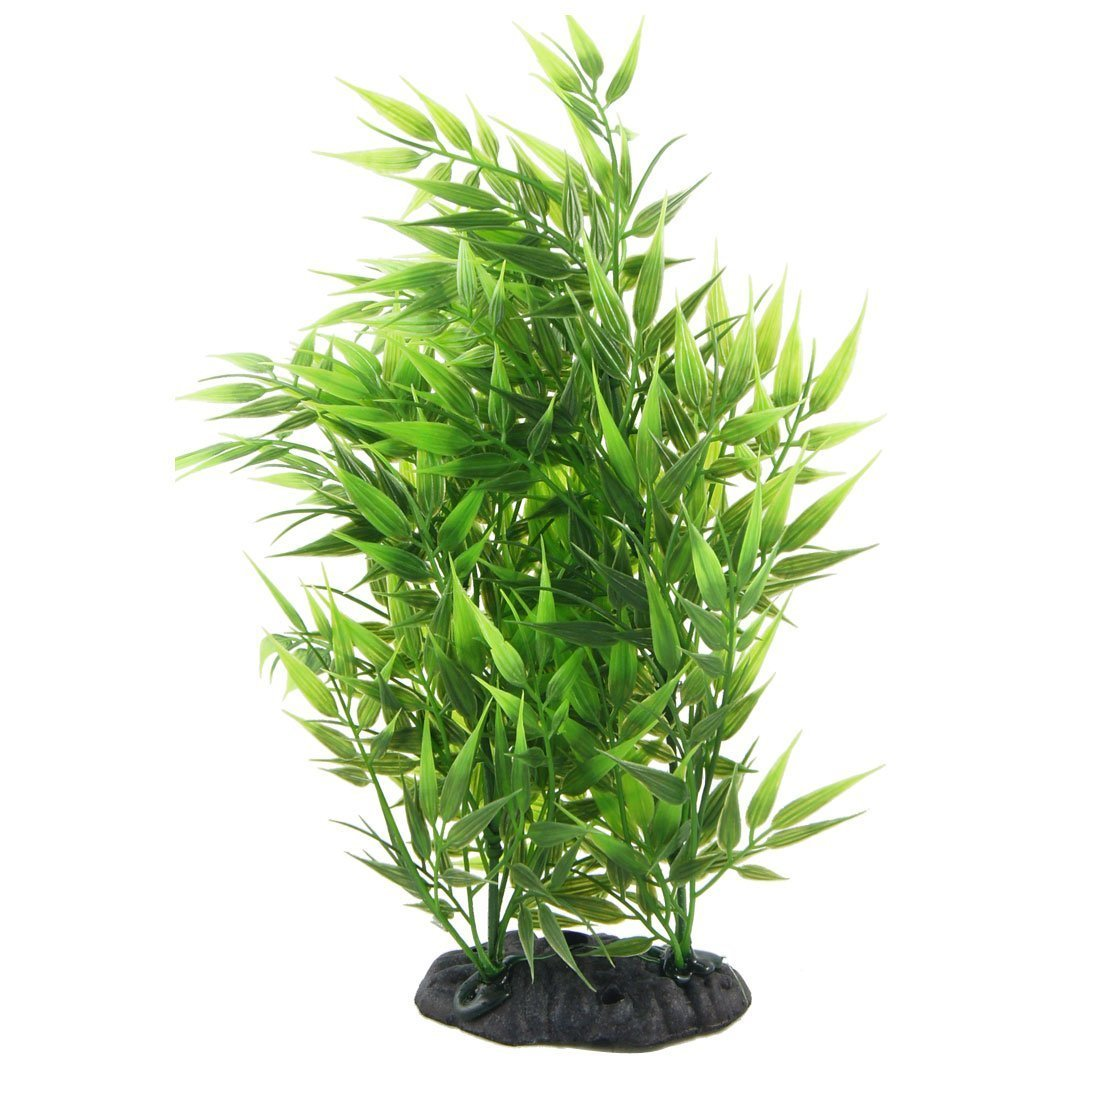 TOOGOO(R) Vert forme feuilles de Bambou Decoratif gazon artificiel pour Aquarium reservoir de poissons